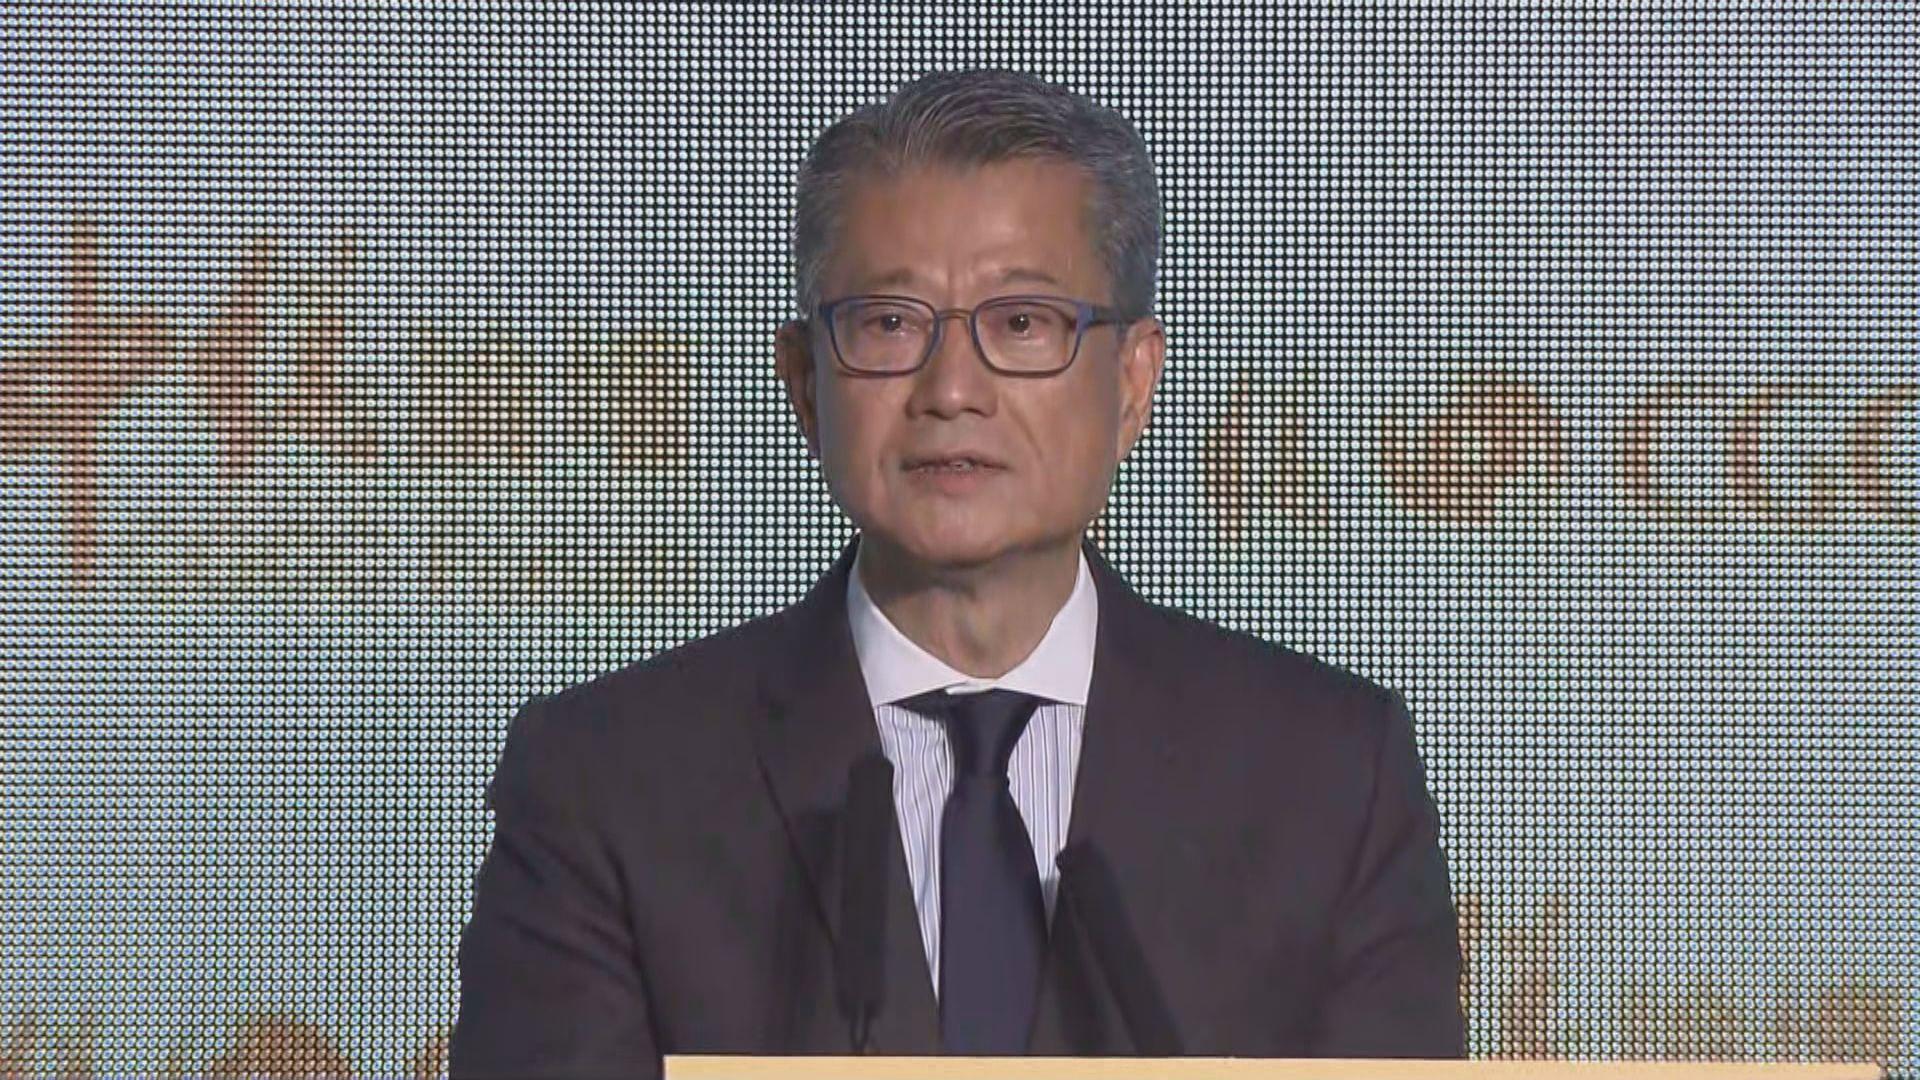 【預算案前瞻】陳茂波:環球經濟起伏不定 市民要做好部署